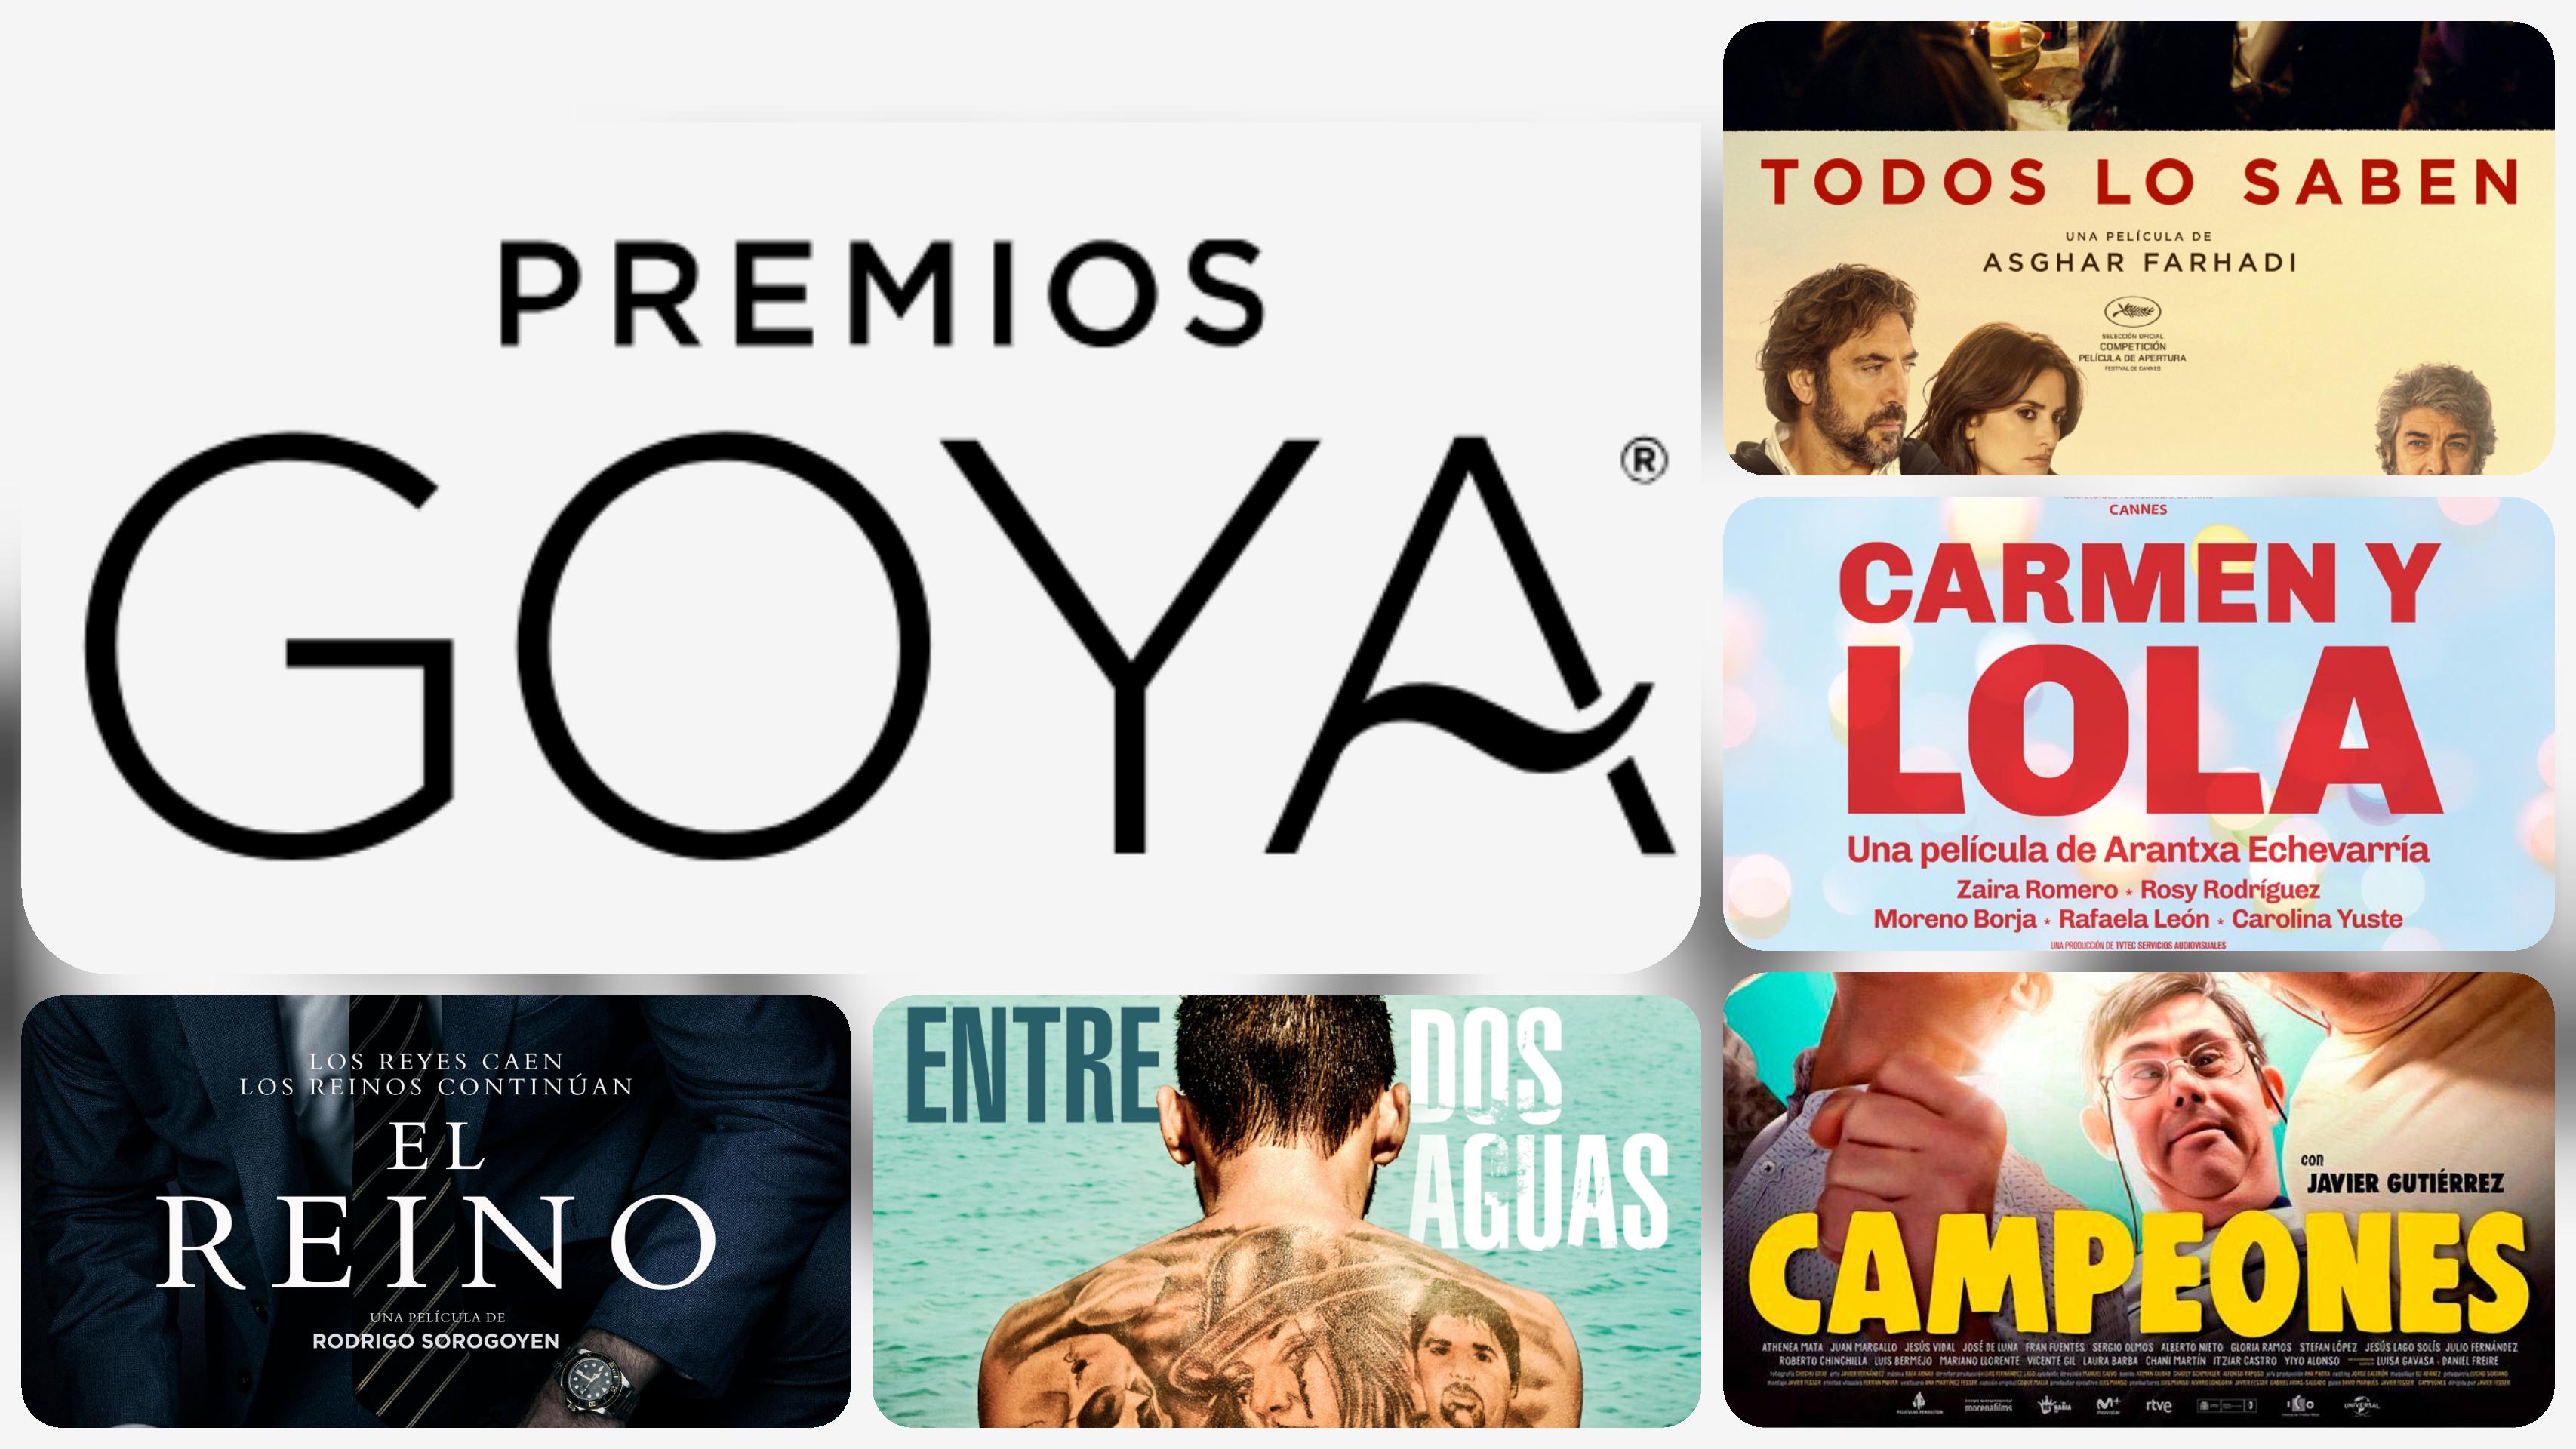 Las candidatas a los Goya desde la taquilla